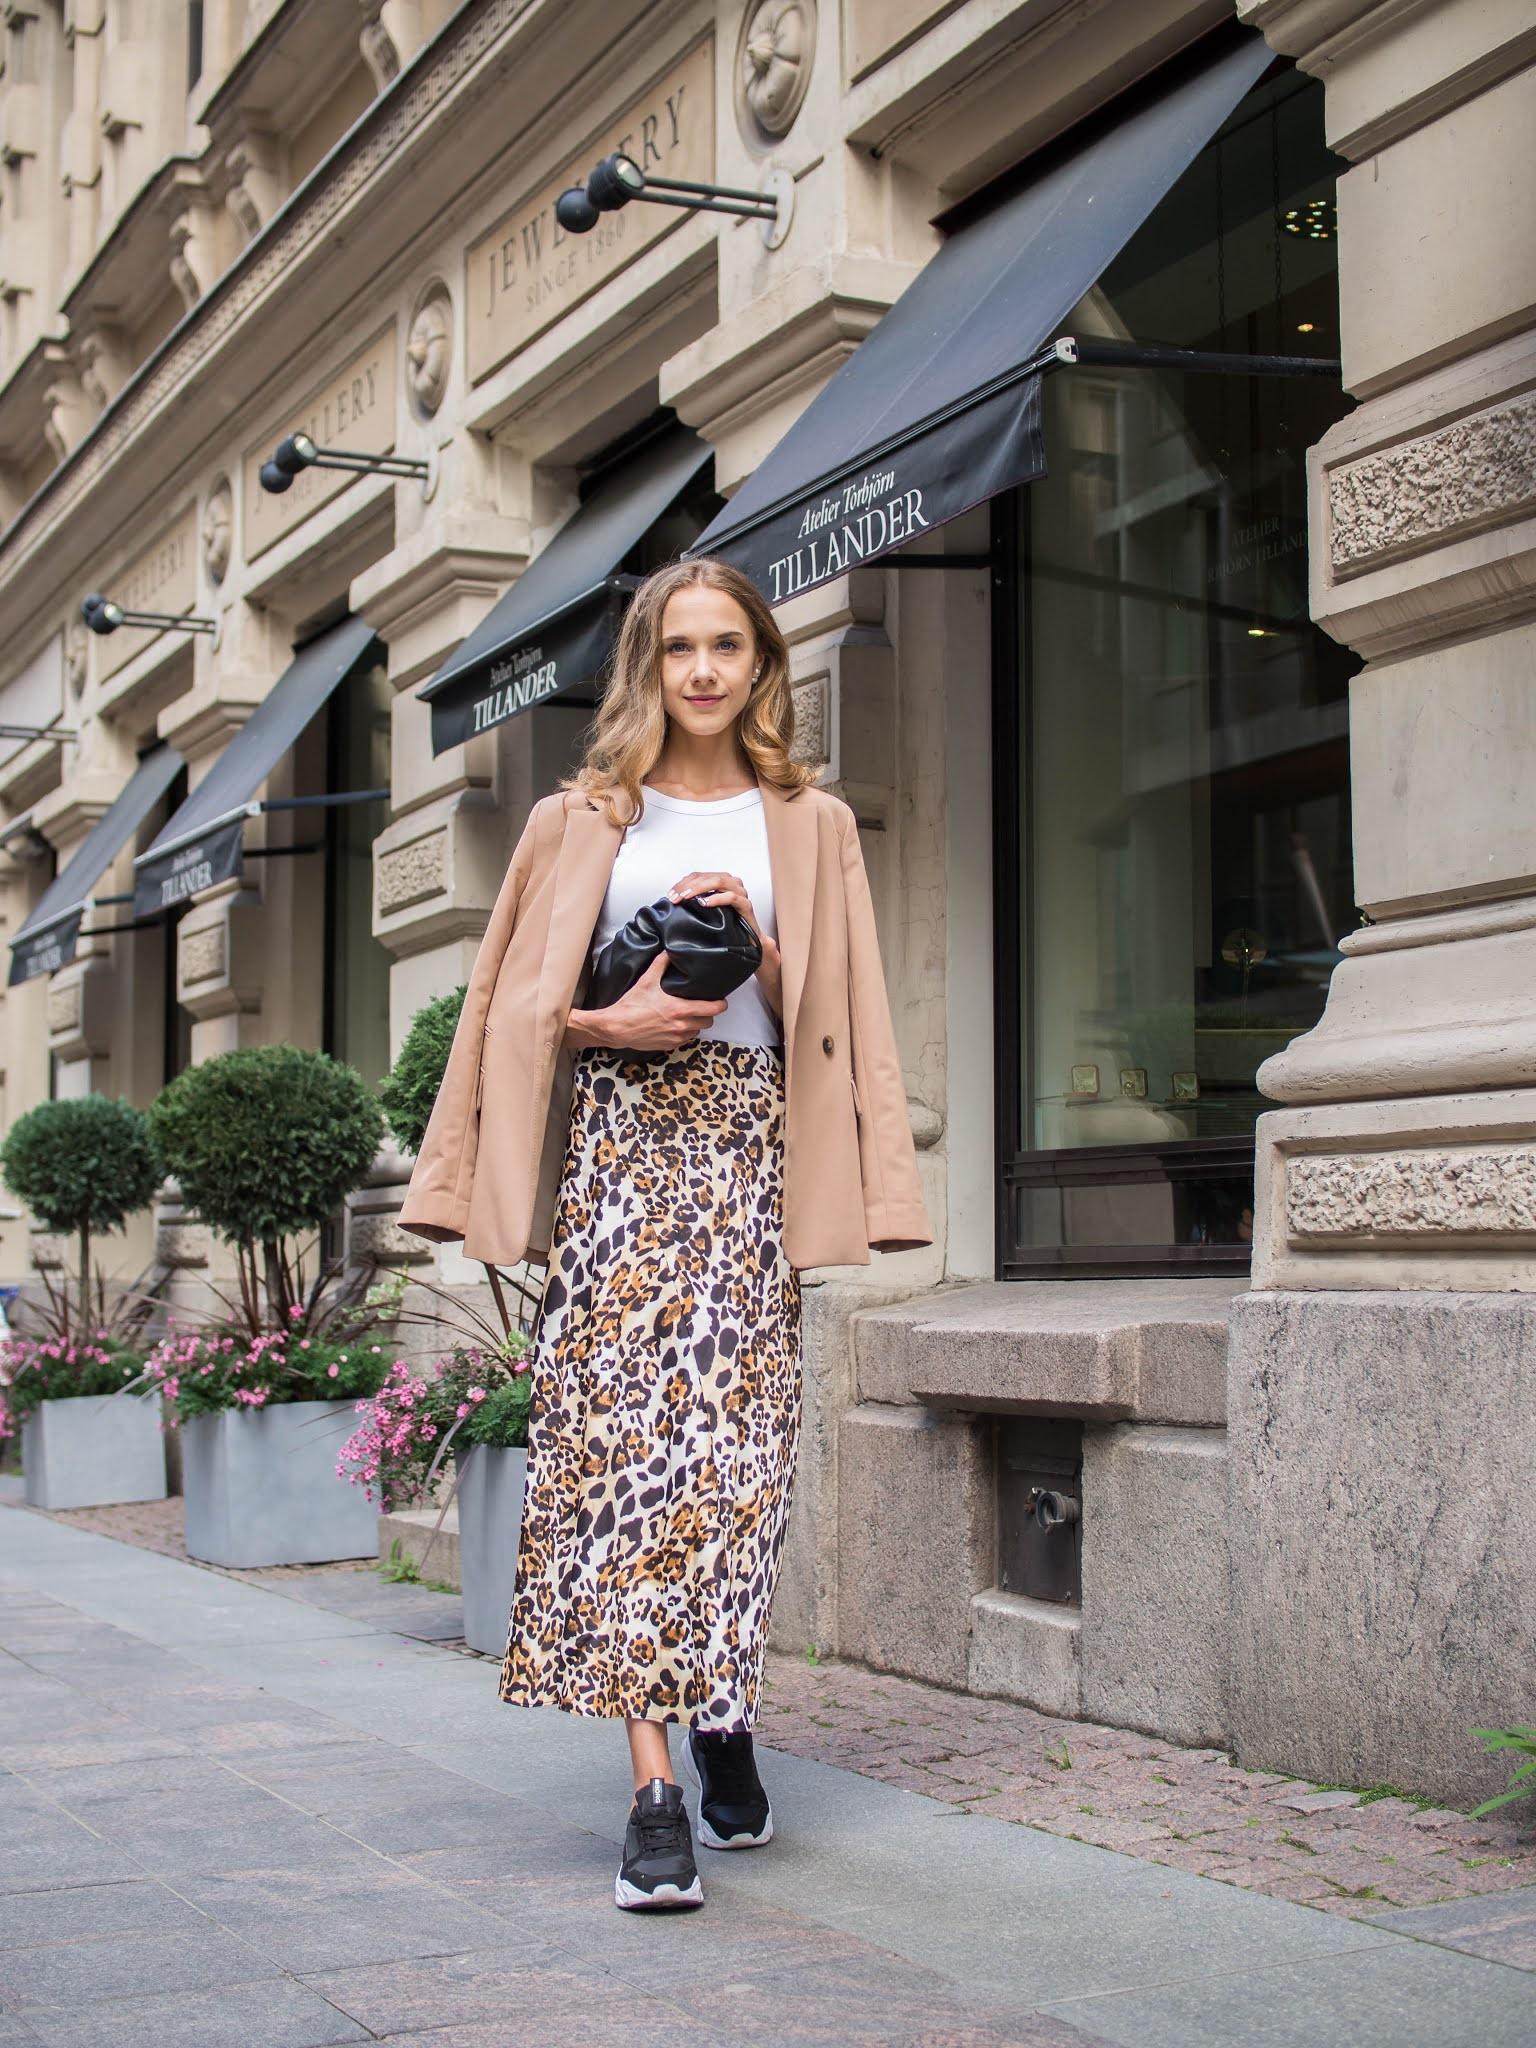 Leopard print satin skirt outfit inspiration - Leopardikuvio, satiinihame, asuinspiraatio, muoti, bloggaaja